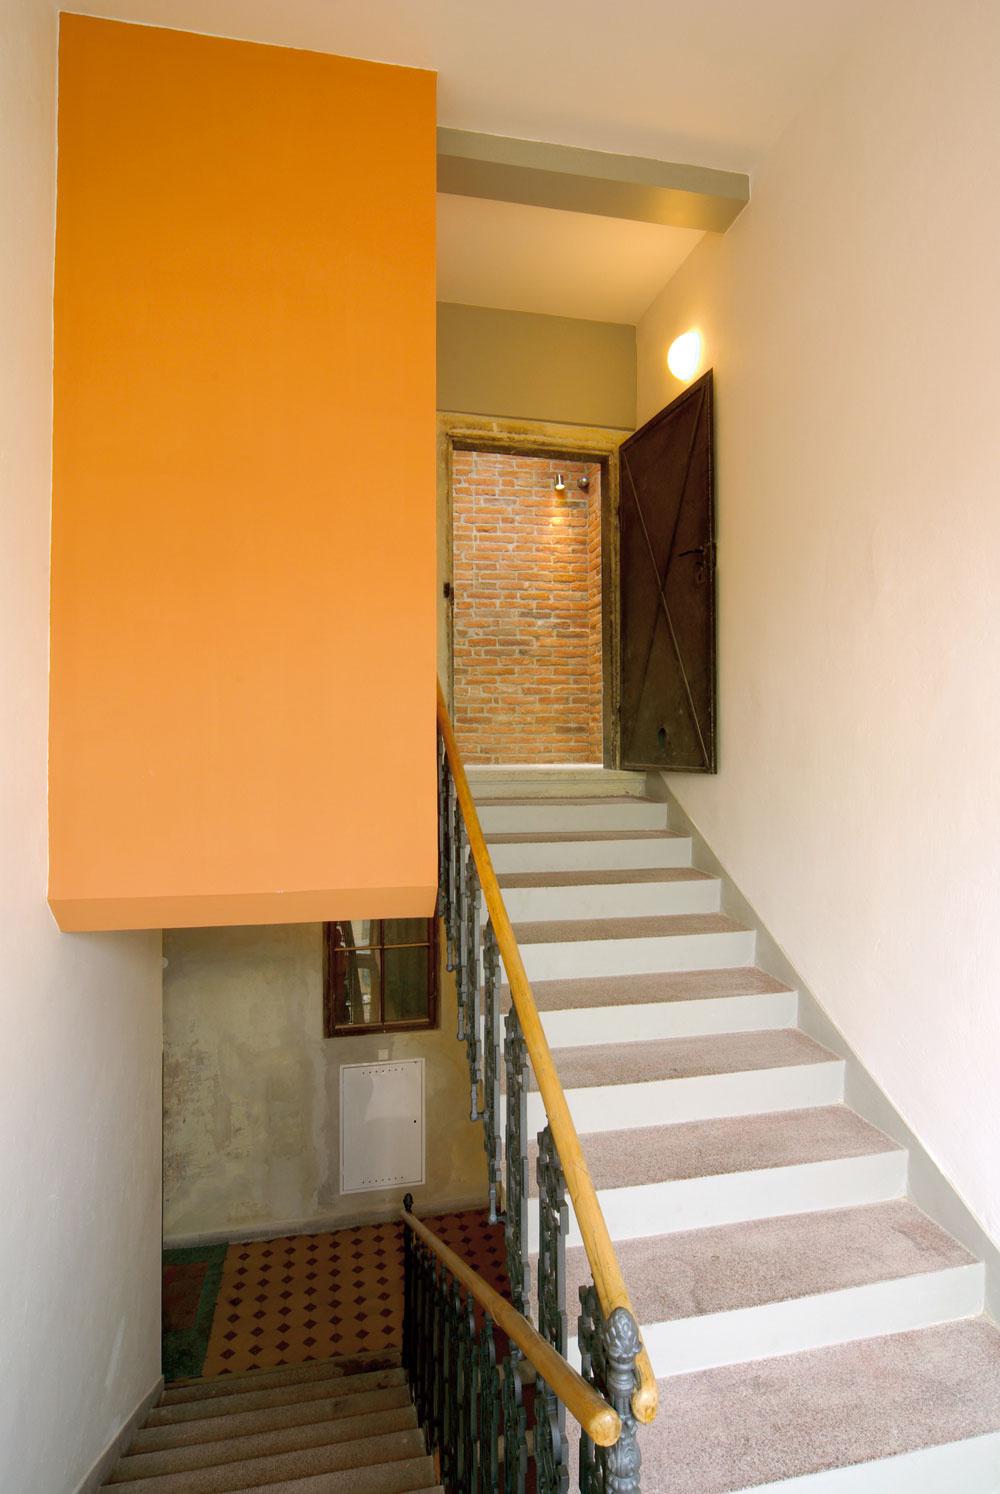 Zo schodiska storočného zrekonštruovaného domu vstupujú obyvatelia dvoch podkrovných bytov cez pôvodné povalové dvere. Obyvatelia podkrovných bytov si cenia architektovu snahu zachovať azdôrazniť materiály, ktoré vpodkroviach odjakživa boli – murivo zplnej pálenej tehly, drevenú konštrukciu krovu acementový či betónový povrch, ktoré kstarým povalám patria.